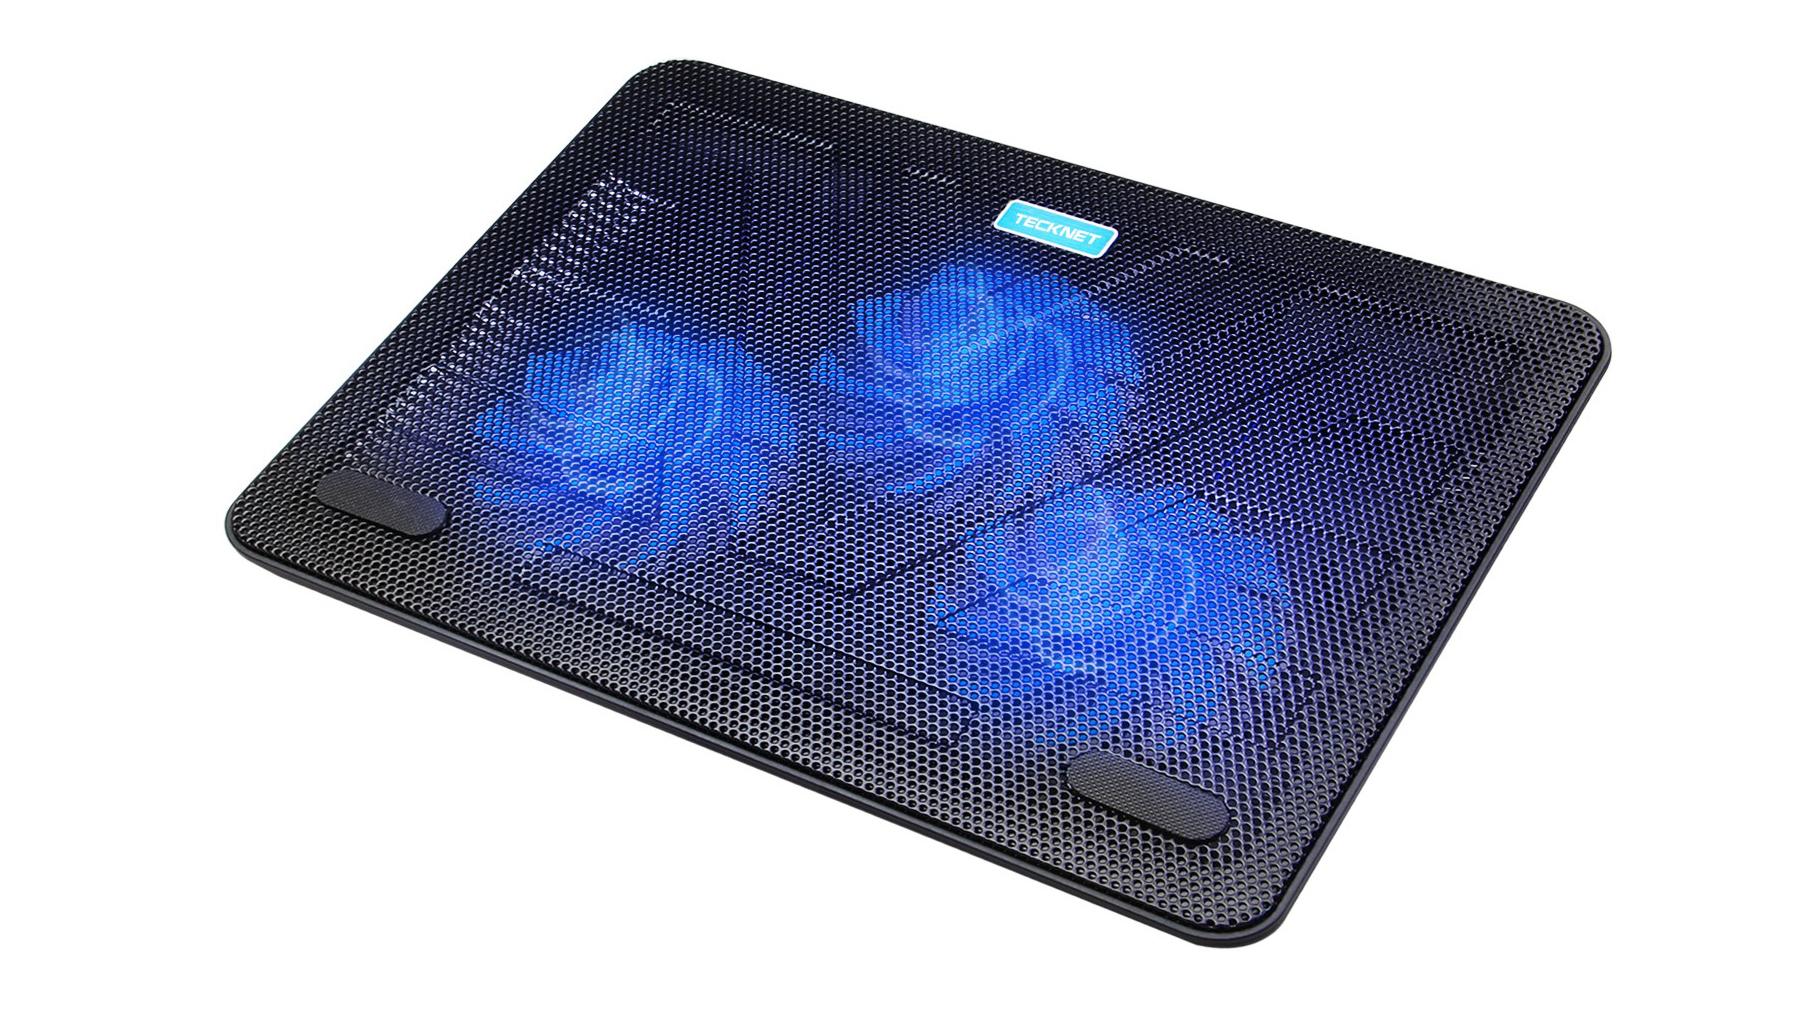 Best laptop cooling pad: TeckNet N8 Laptop Cooling Pad